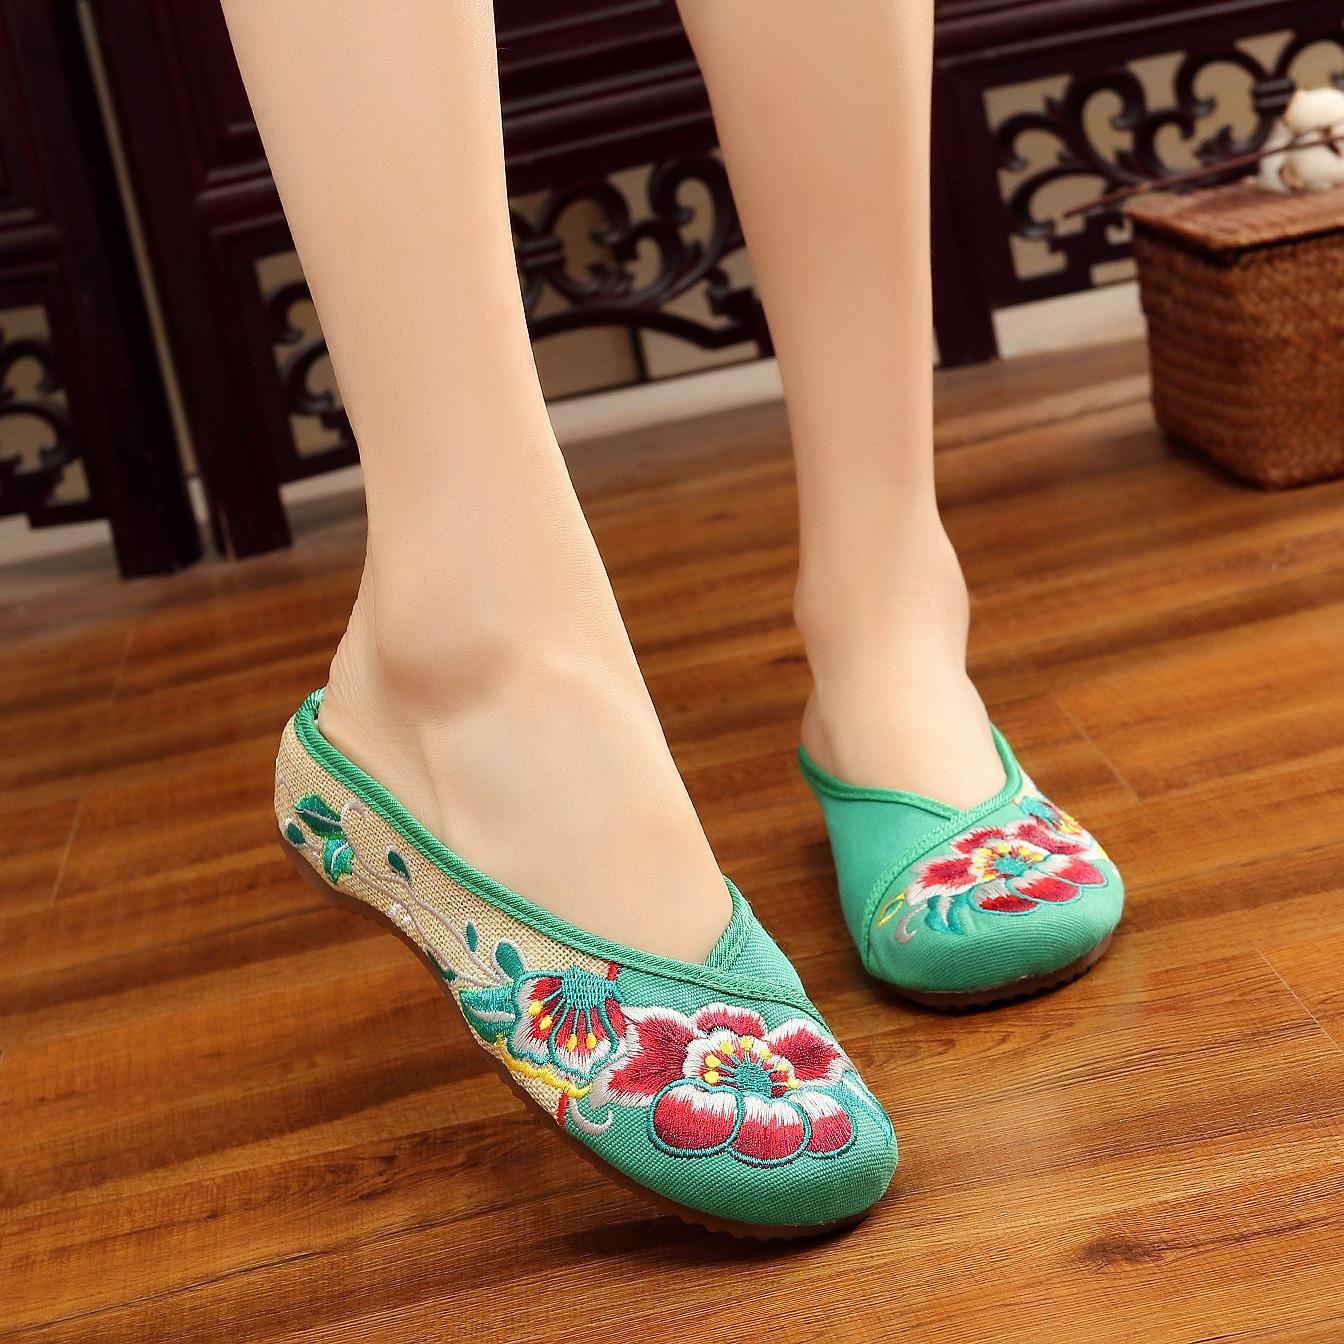 Harga Veowalk Sepatu Kasual Wanita Linen Kain Slide Sandal Floral Bordir Flat Memakai Sandal Sepatu Untuk Wanita Asia Hitam Intl Online Tiongkok